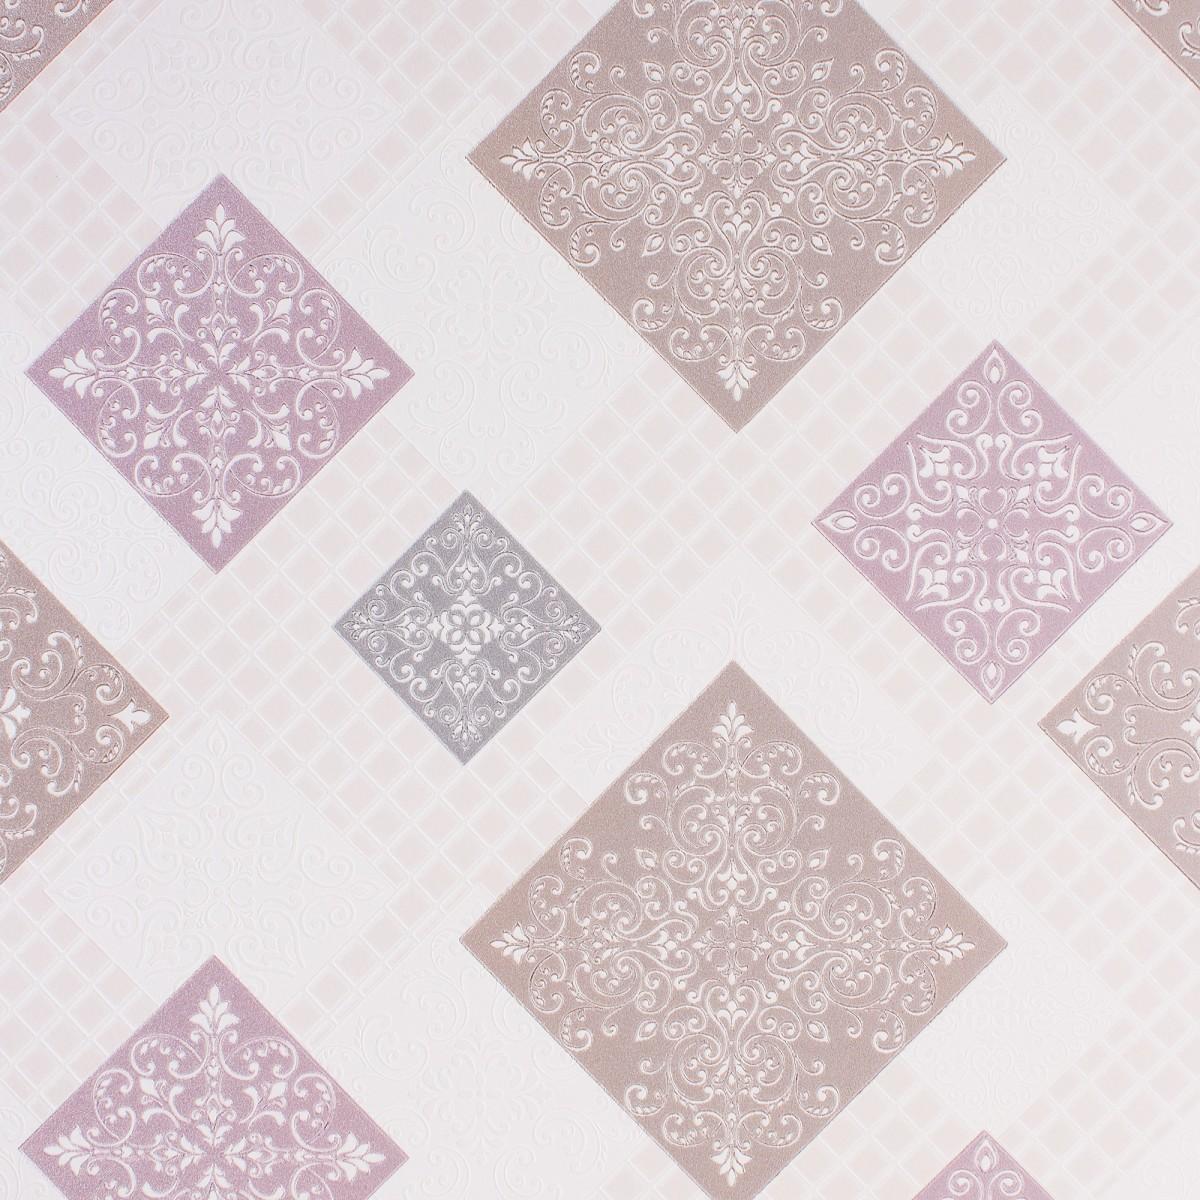 Обои на бумажной основе 0.53х10 м цвет розовый Ин 162011-23